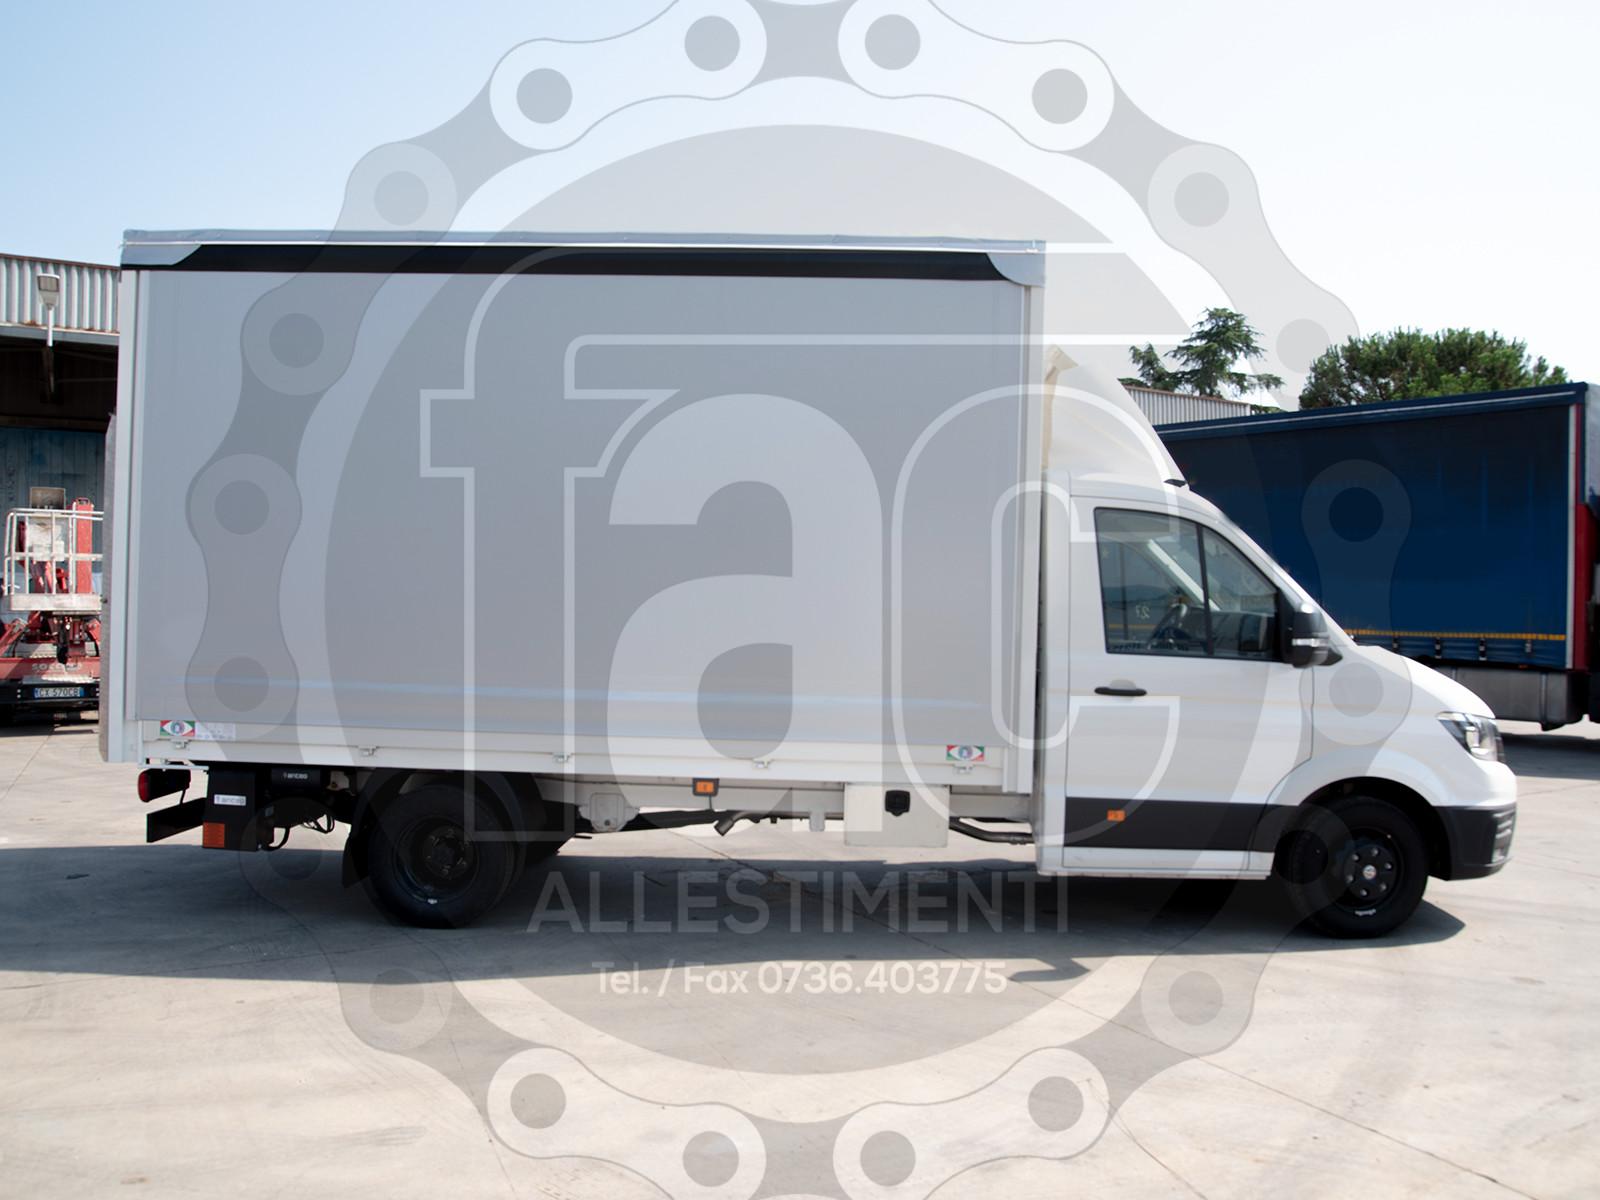 Realizzazione di furgone in alluminio 4